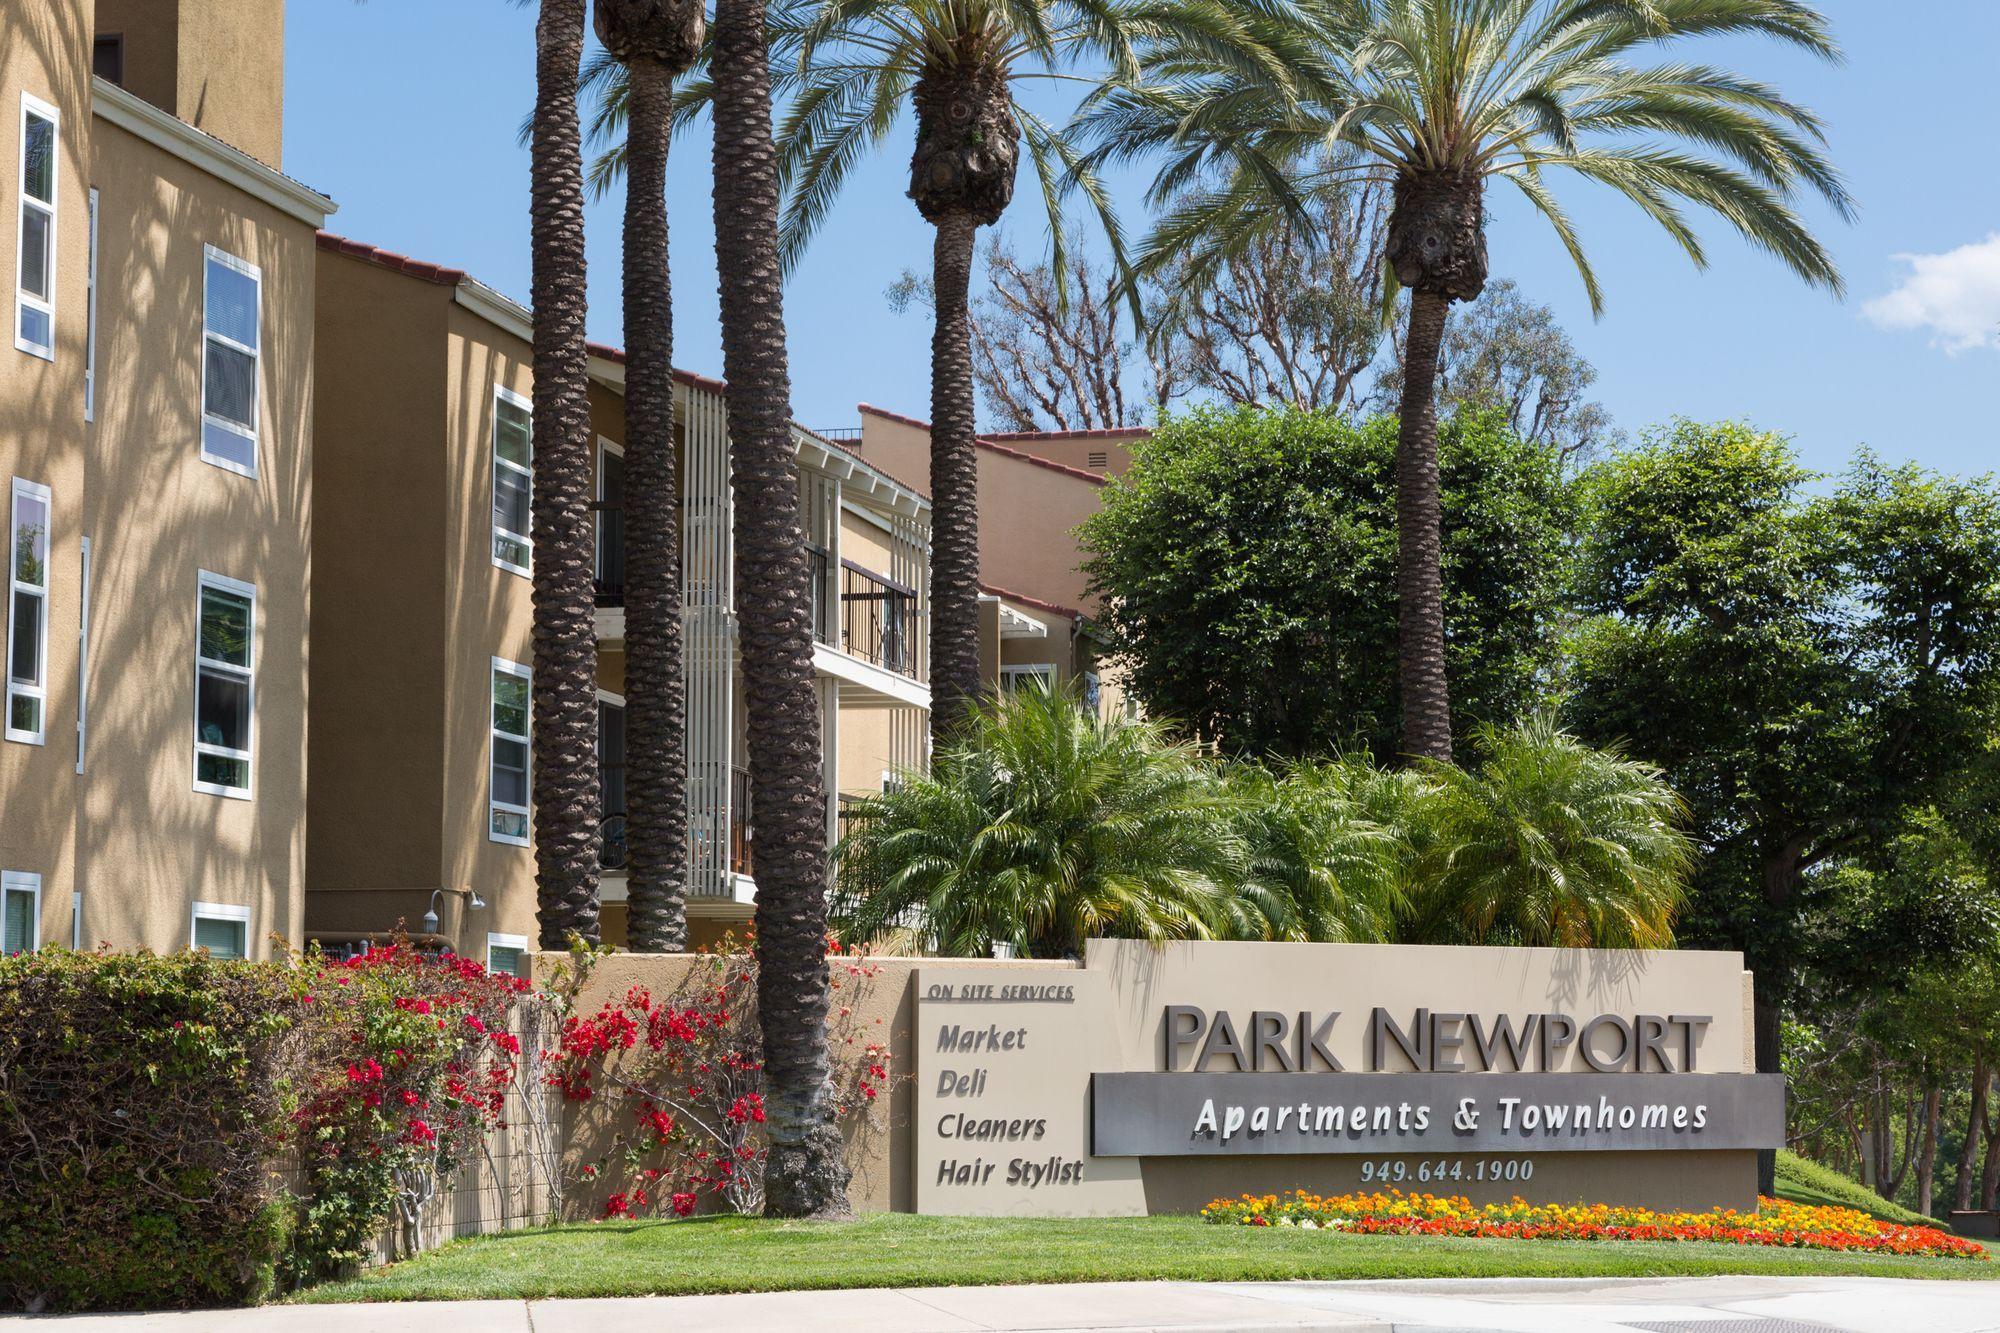 Park Newport